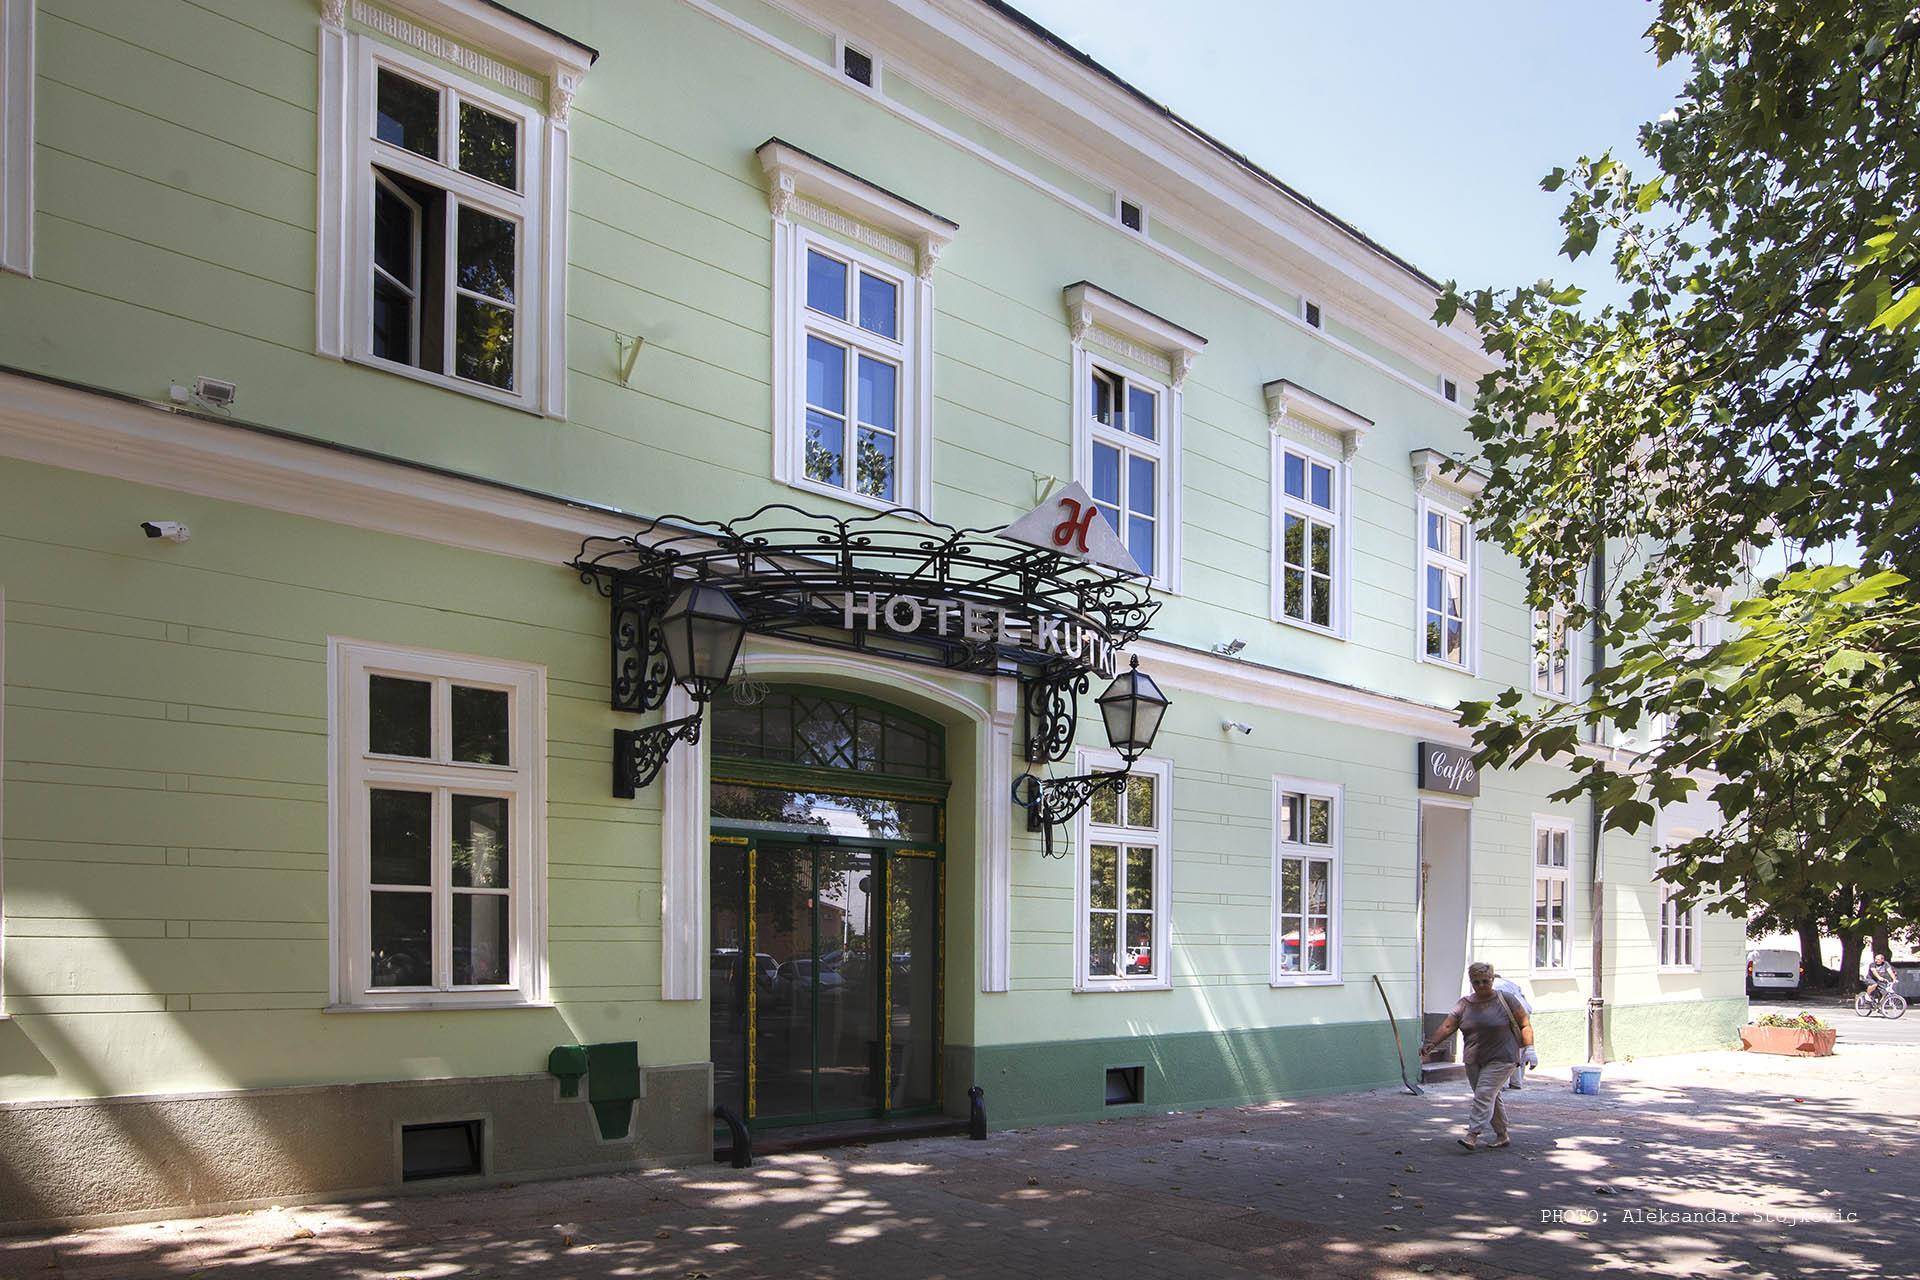 Hotel Kutko